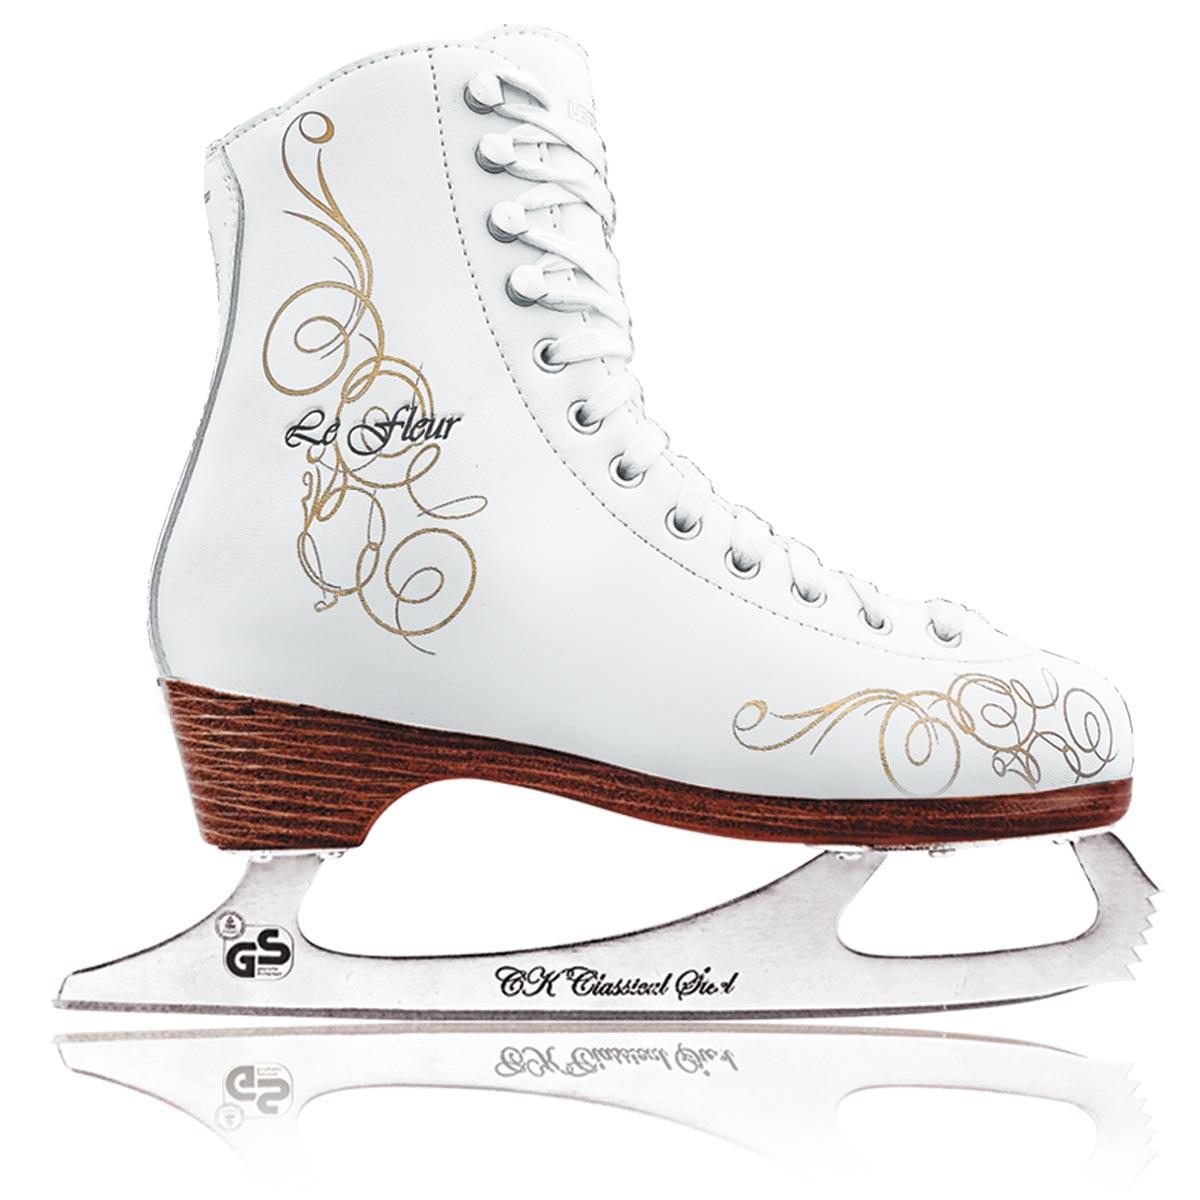 Коньки фигурные для девочки СК Le Fleur Leather 50/50, цвет: белый, золотой. Размер 30